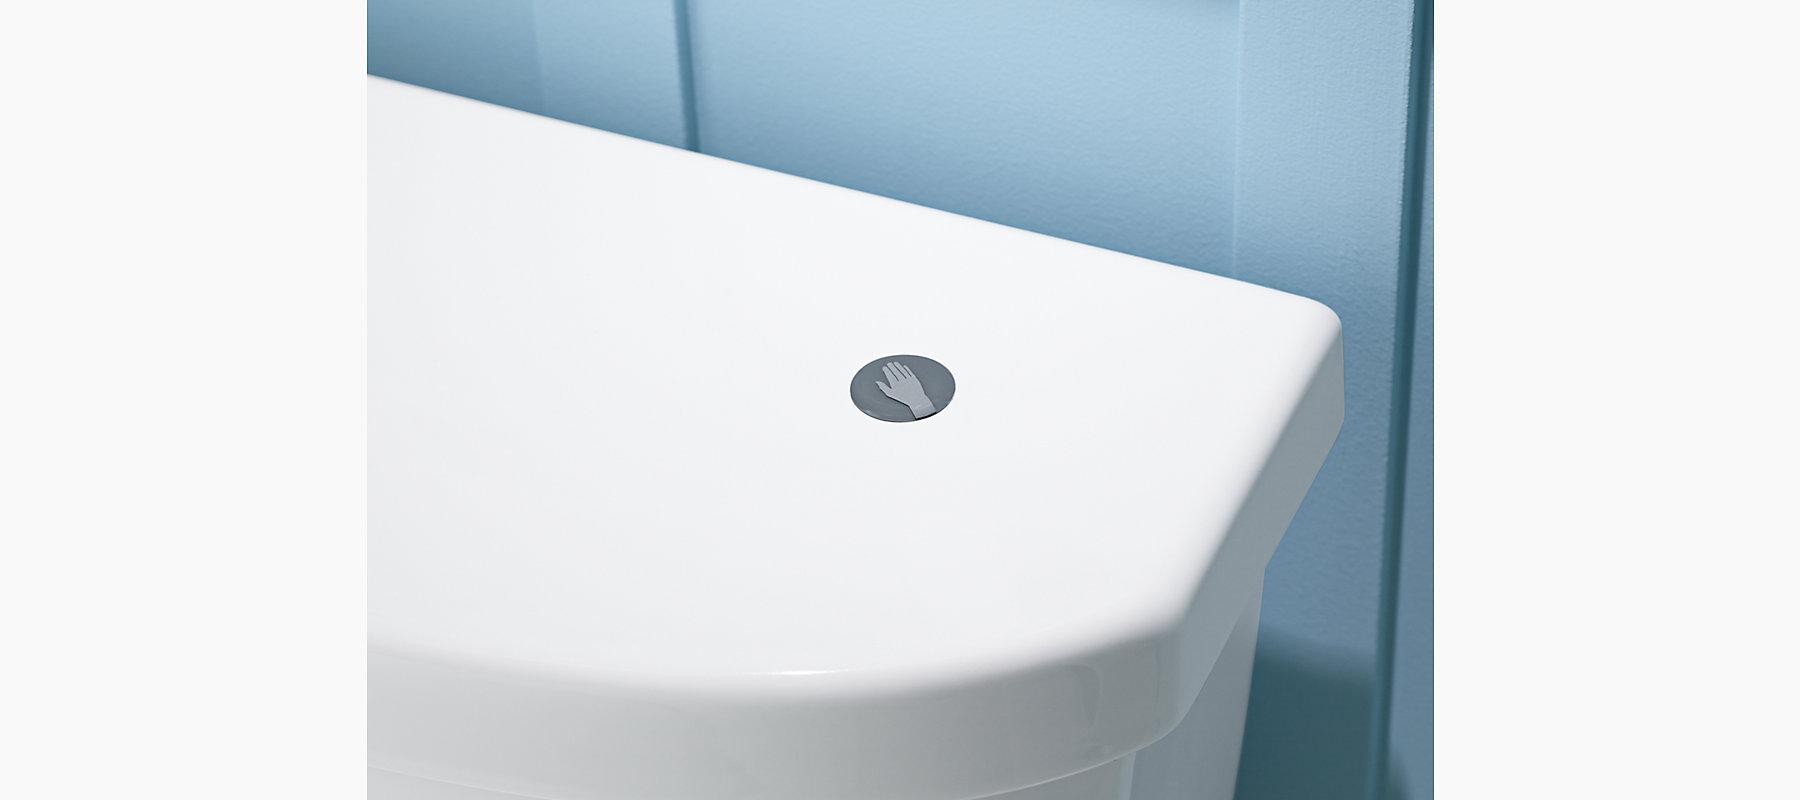 Touchless Toilet Flush Kit K 1954 Kohler